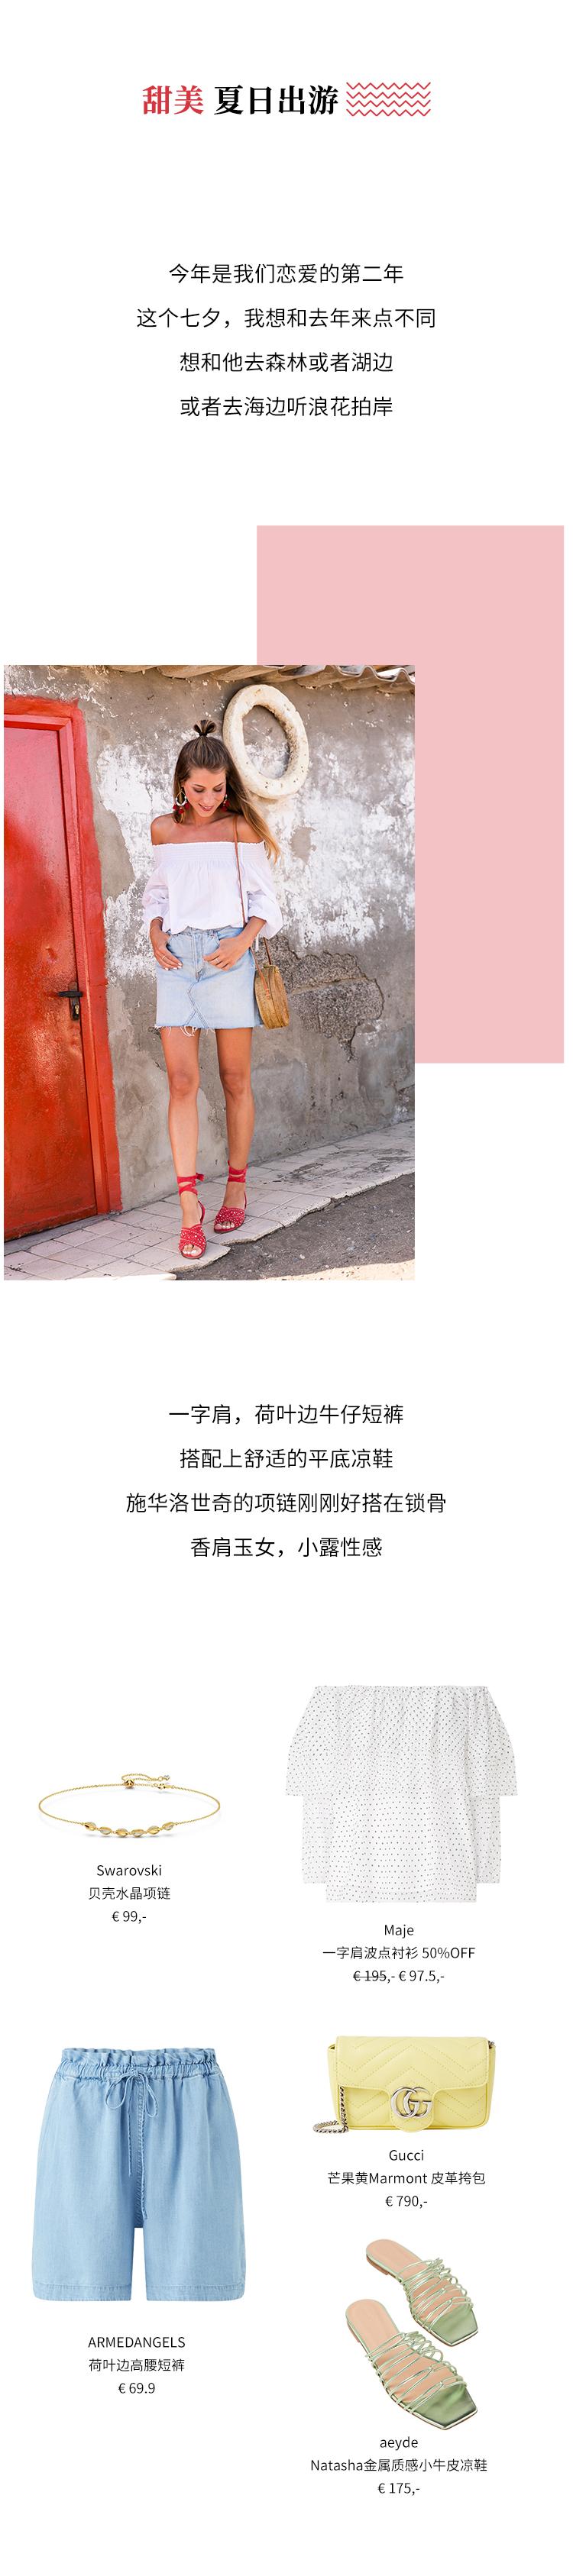 女王店—8_03.jpg